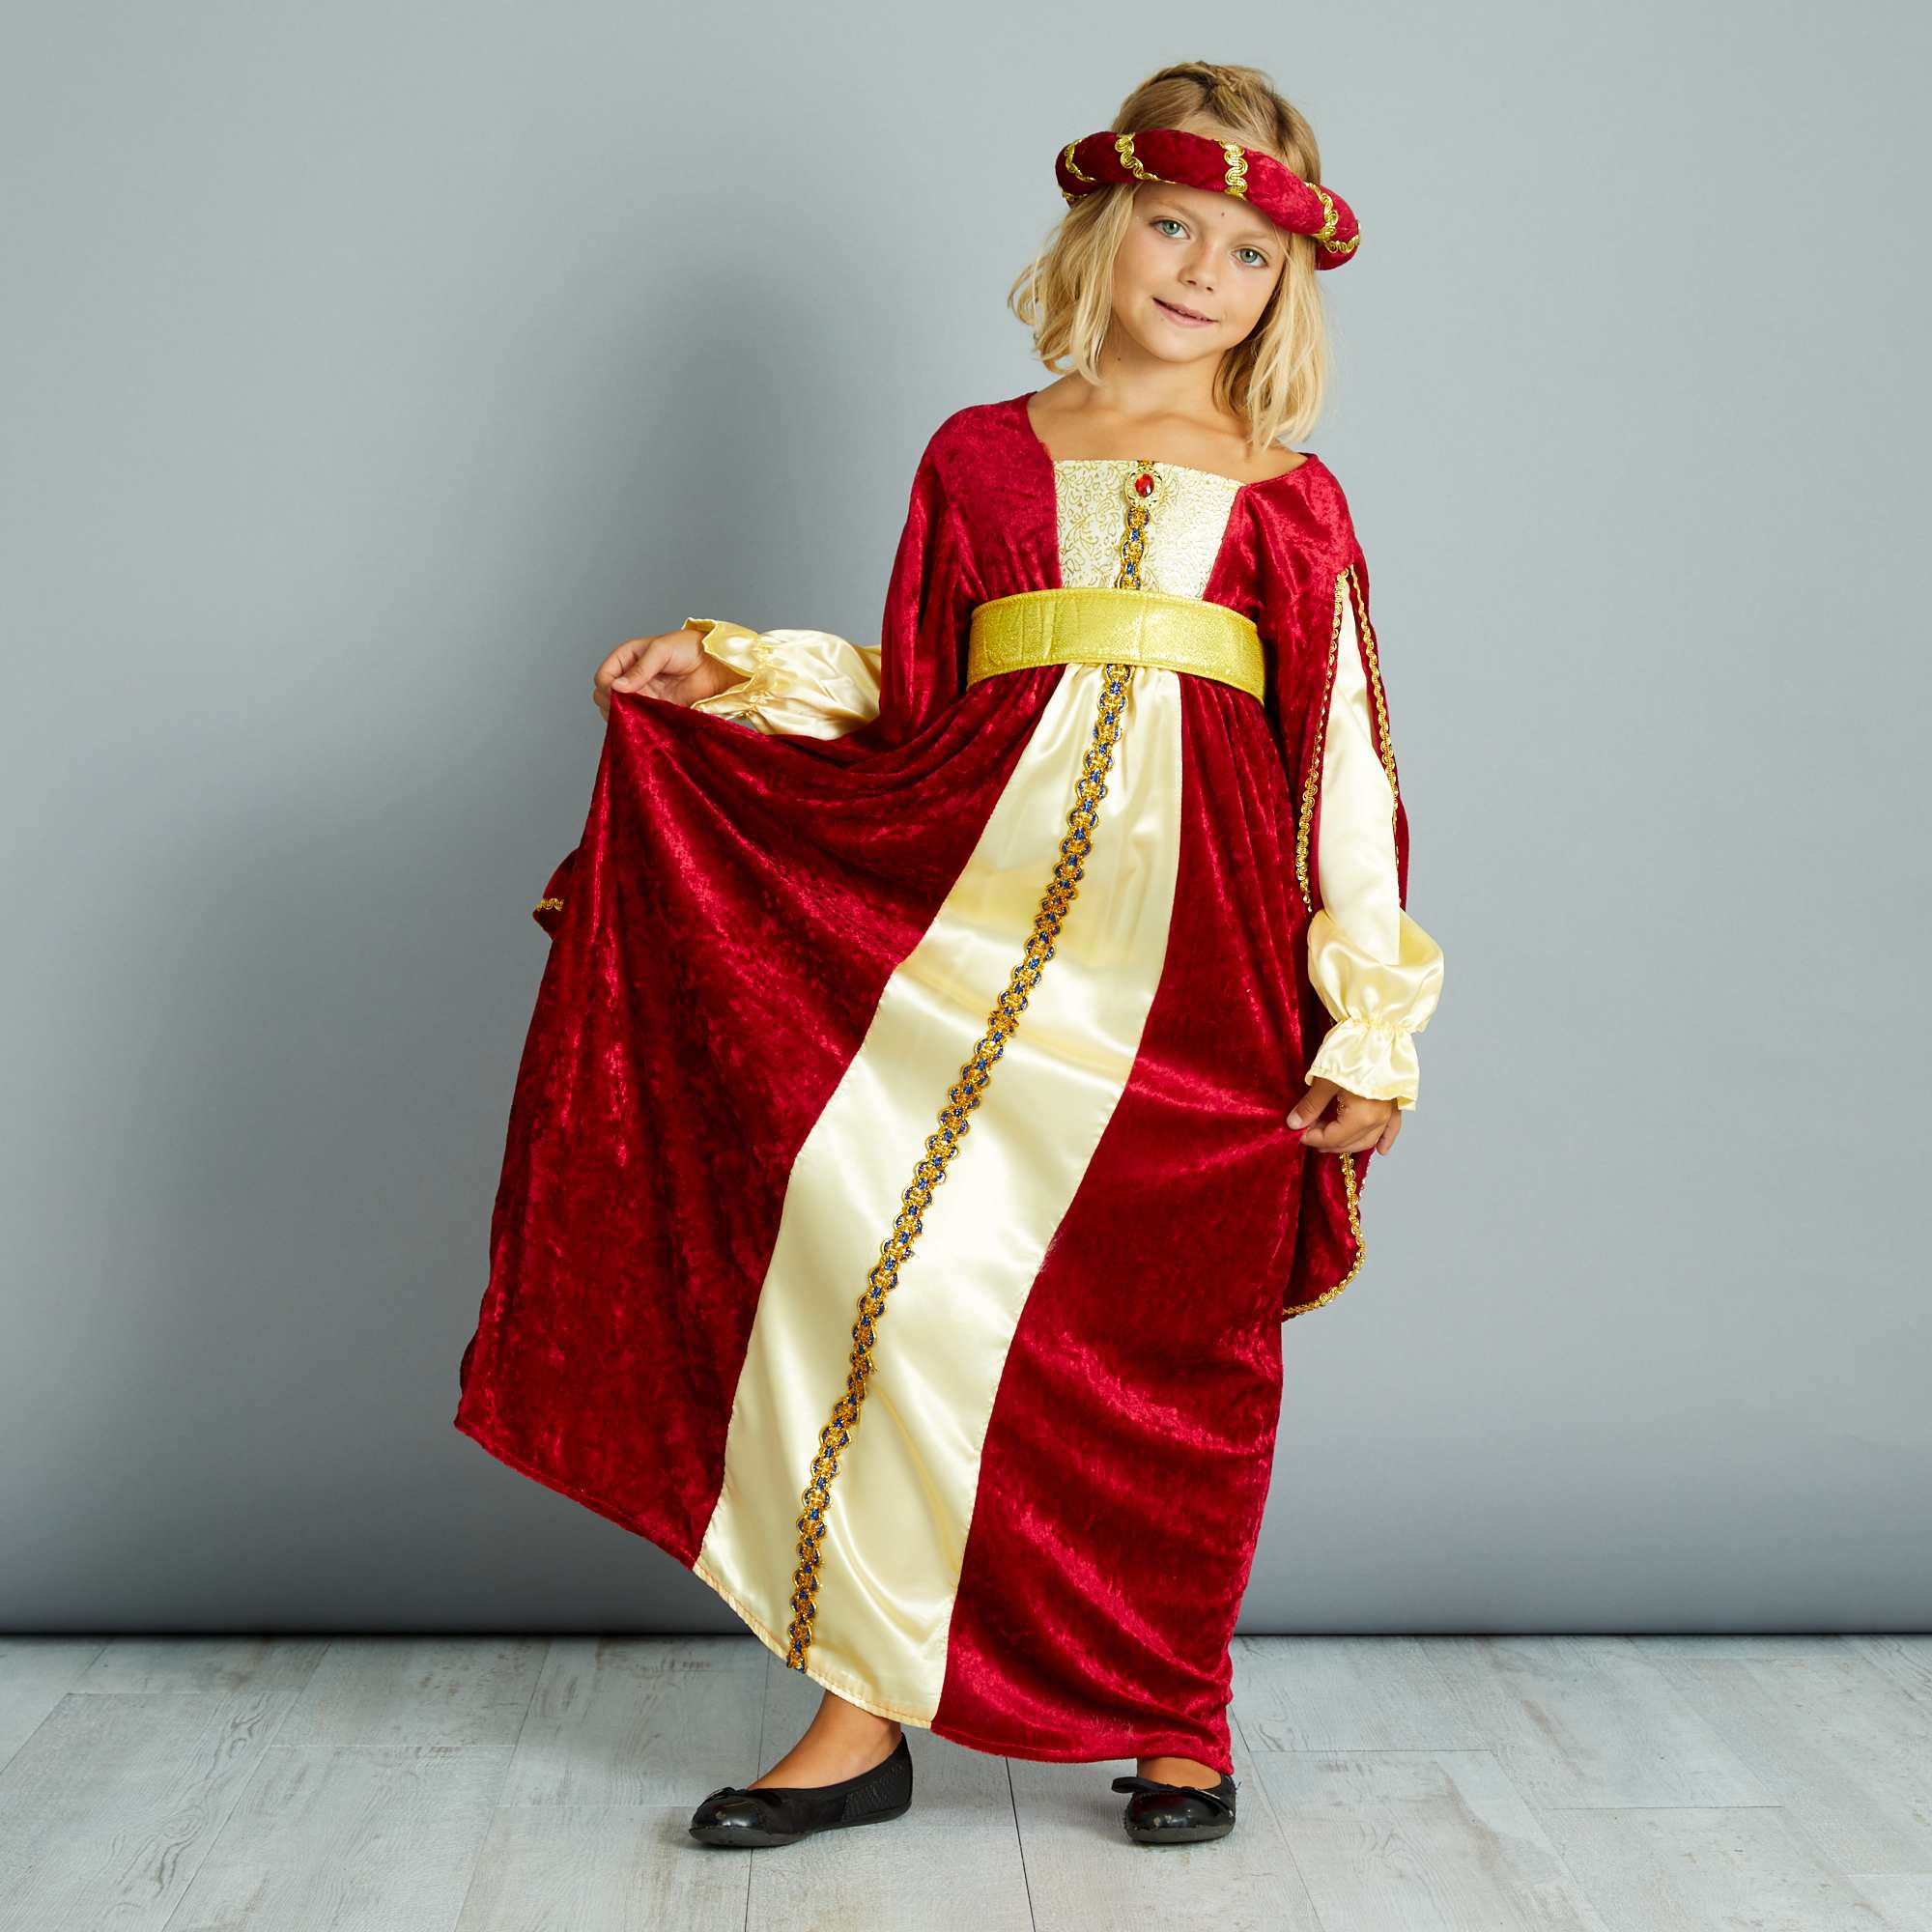 carina super economico 2019 reale Costumi da bagno per bambine Costume vestito medievale